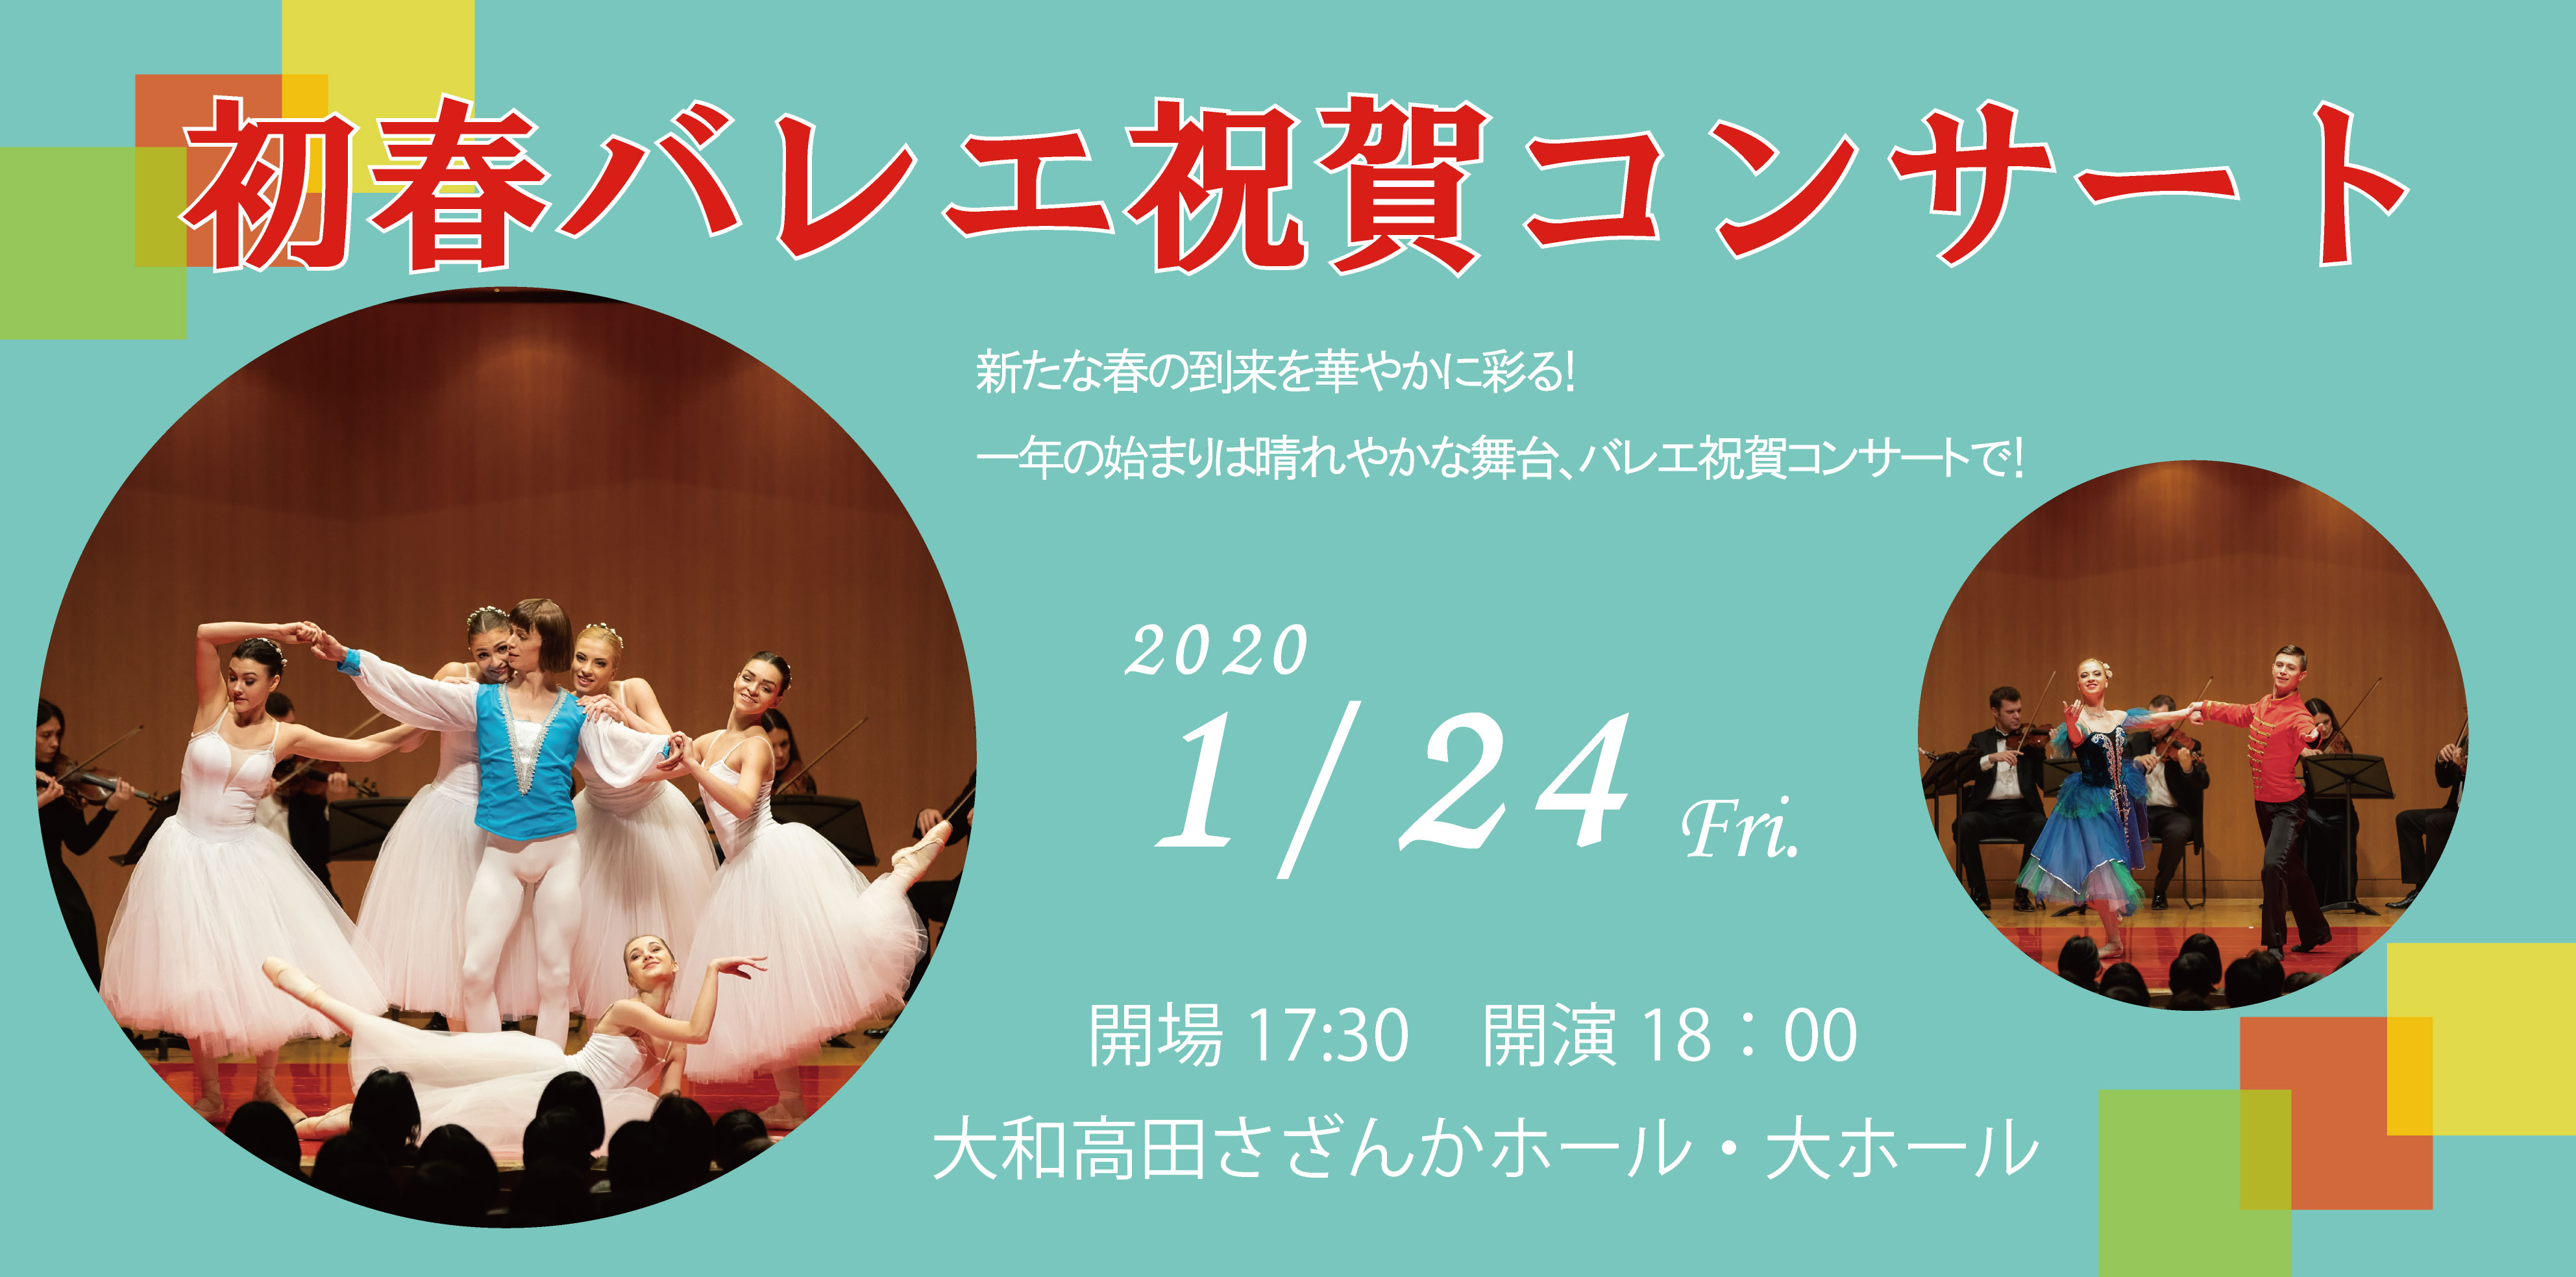 2019年、イベント、奈良県、大和高田市、12月、コンサート、ライブ、大和高田さざんかホール、観賞、バレエ祝賀コンサート。